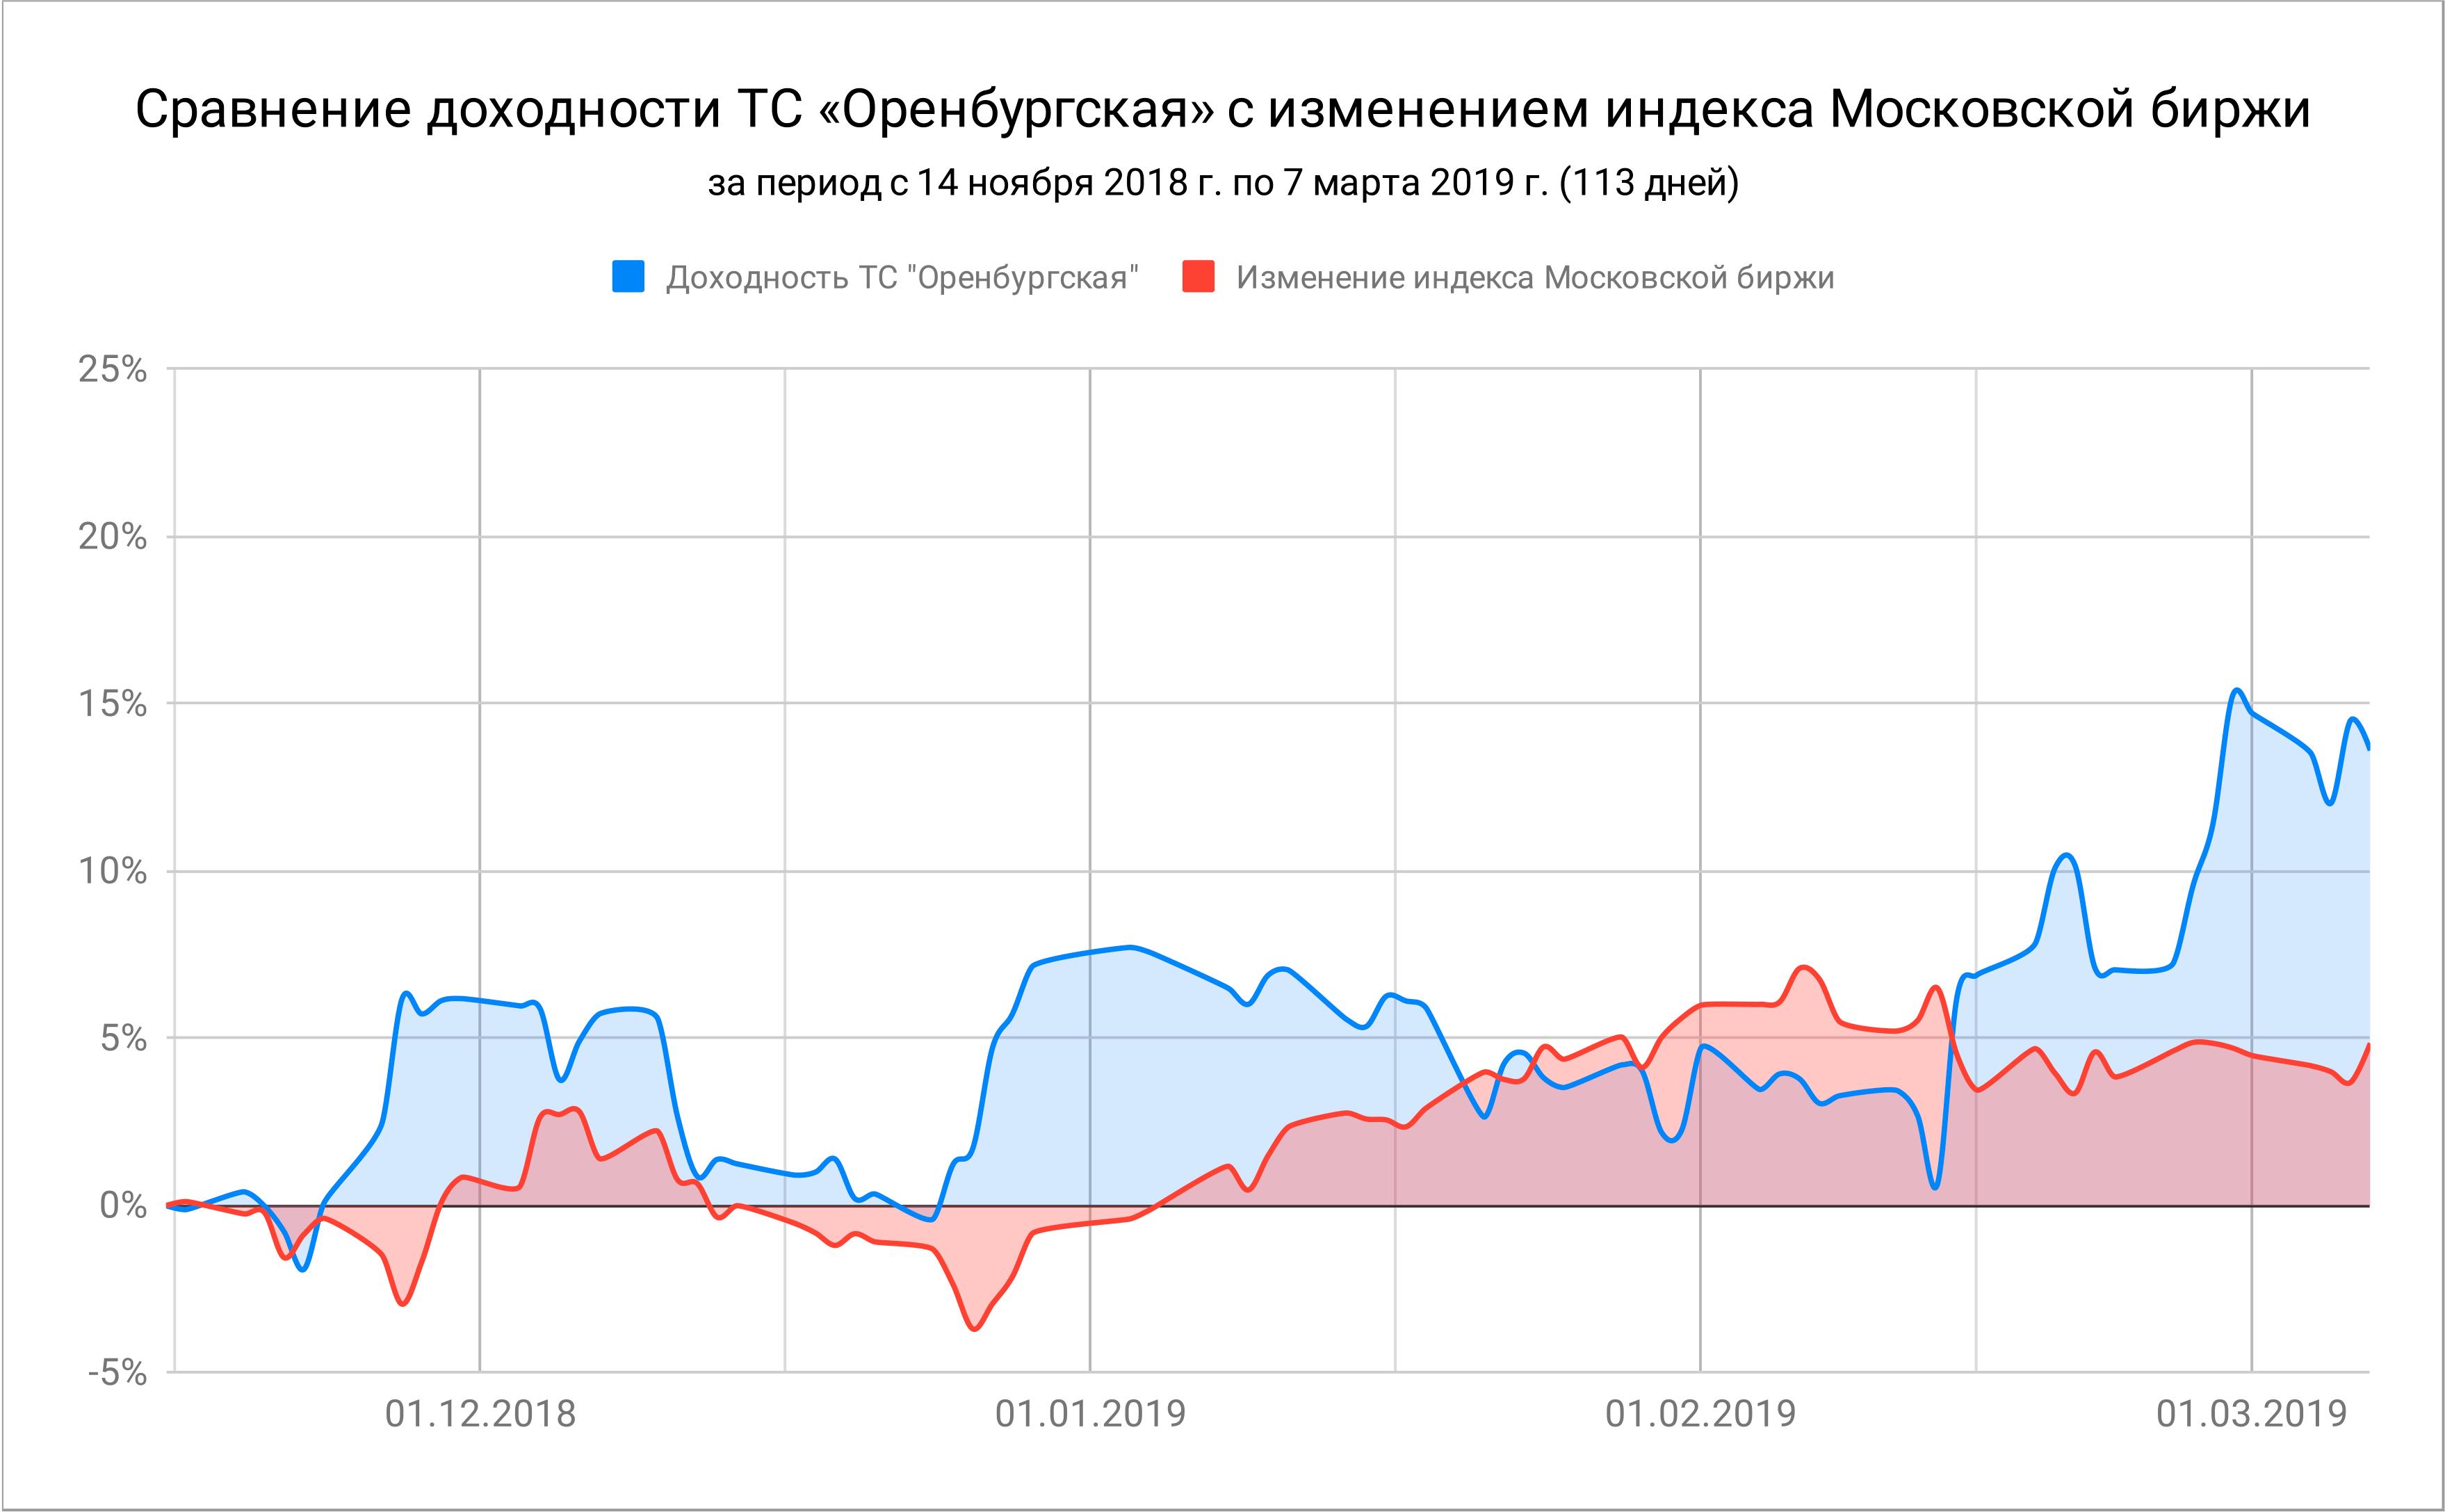 Сравнение доходности ТС «Оренбургская» с изменением индекса Московской биржи